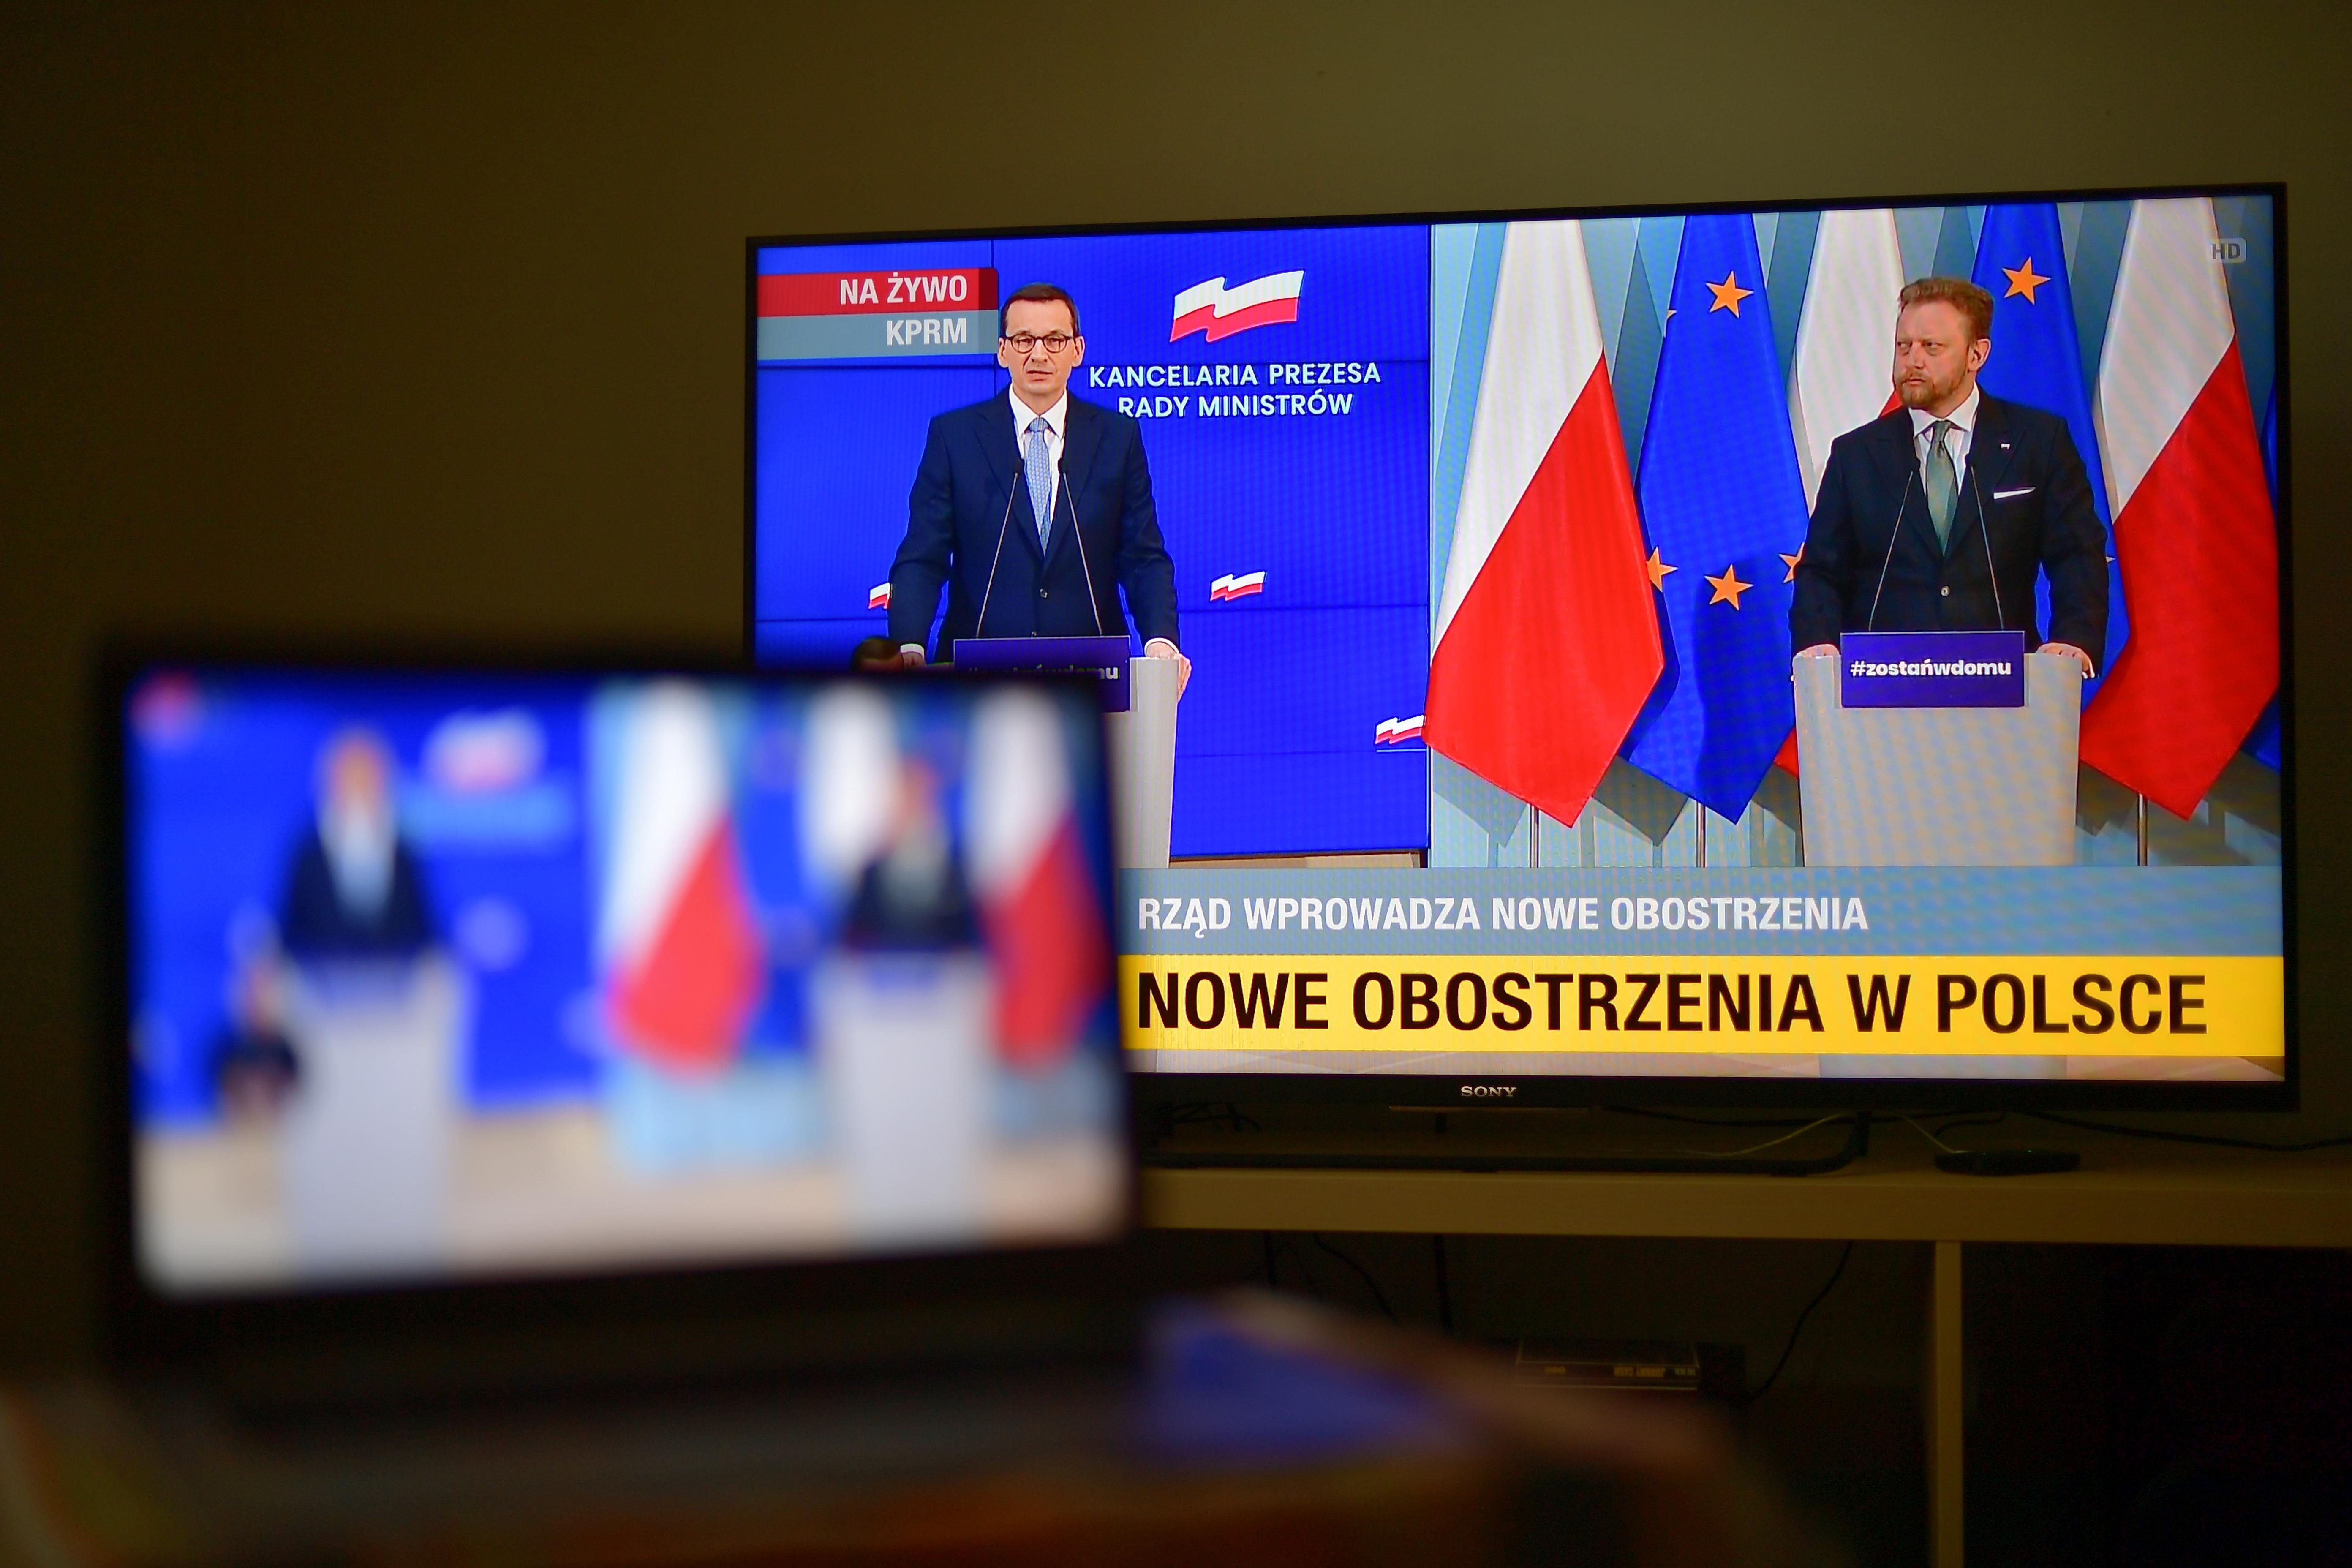 Koronawirus w Polsce - nowe ograniczenia od 1 kwietnia i 2 kwietnia 2020 r. - Gospodarka - Forbes.pl